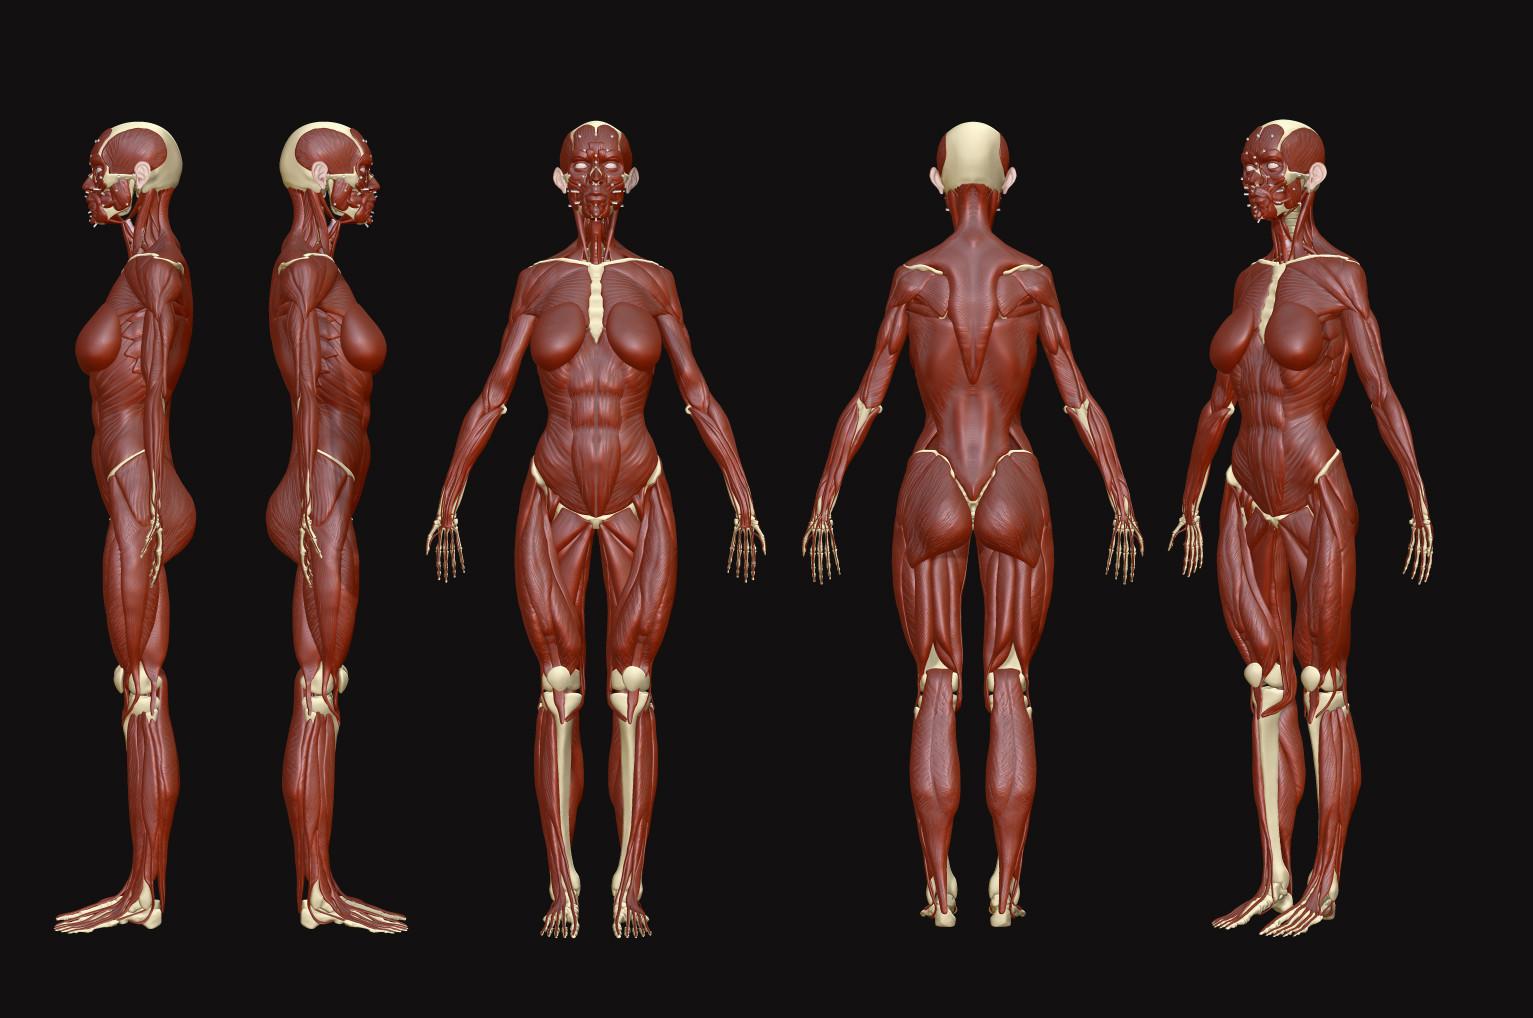 ArtStation - Anatomy Study 2015, Ruslan Gadzhiev